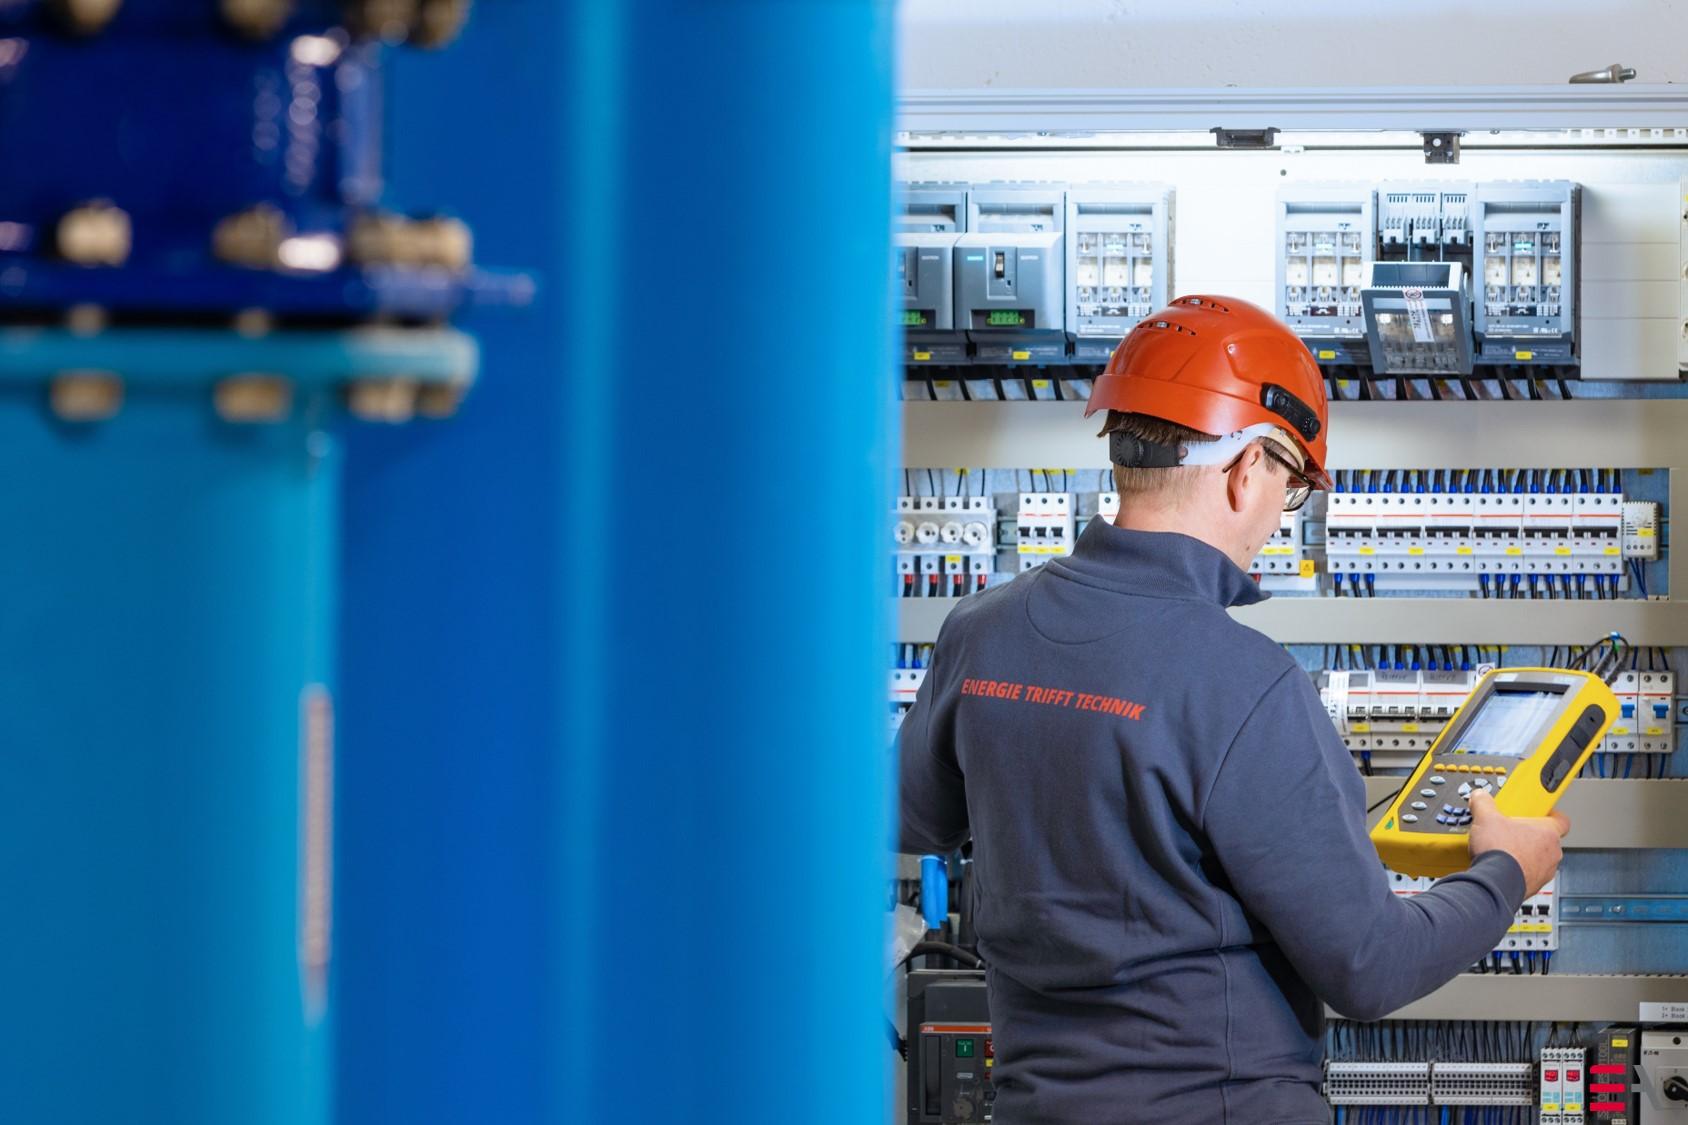 Kurzschlussstromberechnungen und Selektivitätsprüfungen, Durchführung des Risiko-Managements nach DIN EN 62305-2, Inbetriebnahme von Steuerungen für Schutzvorhänge, Schalltore, elektrischer und hydraulischer Hubpodien, Konzeption von Wegemesssystemen